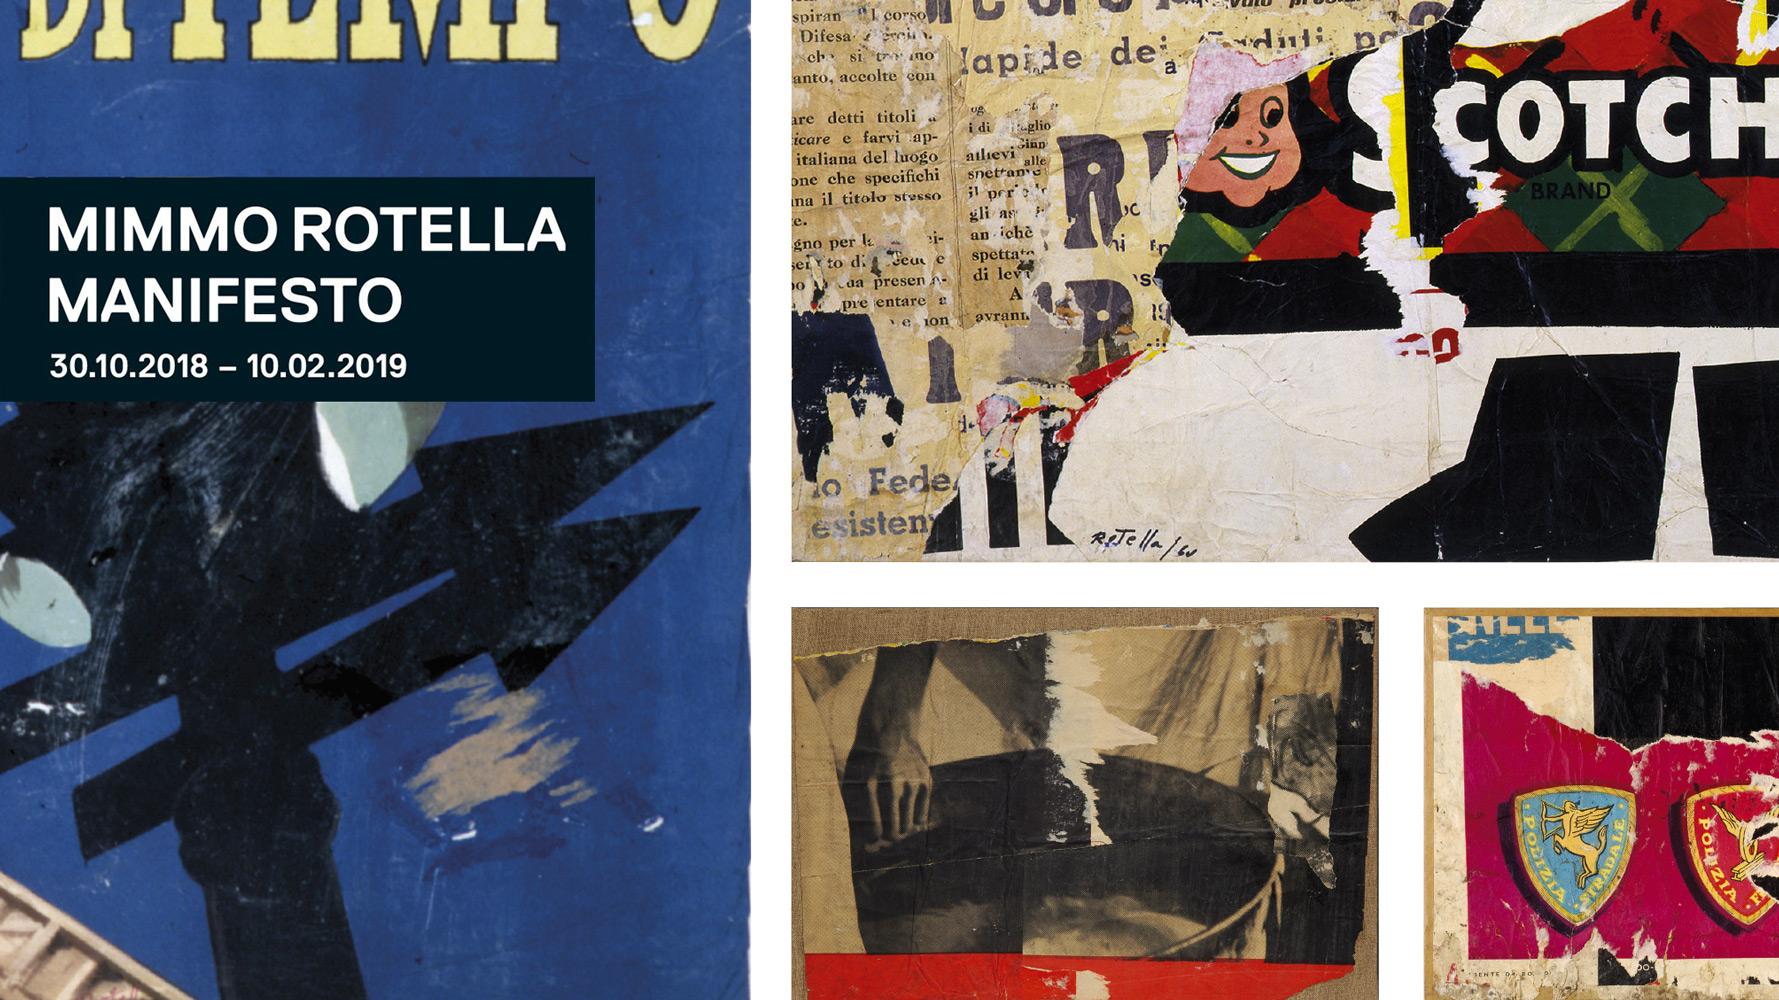 Locandina della msotra Immagine © Galleria Nazionale d'Arte Moderna e Contemporanea di Romra